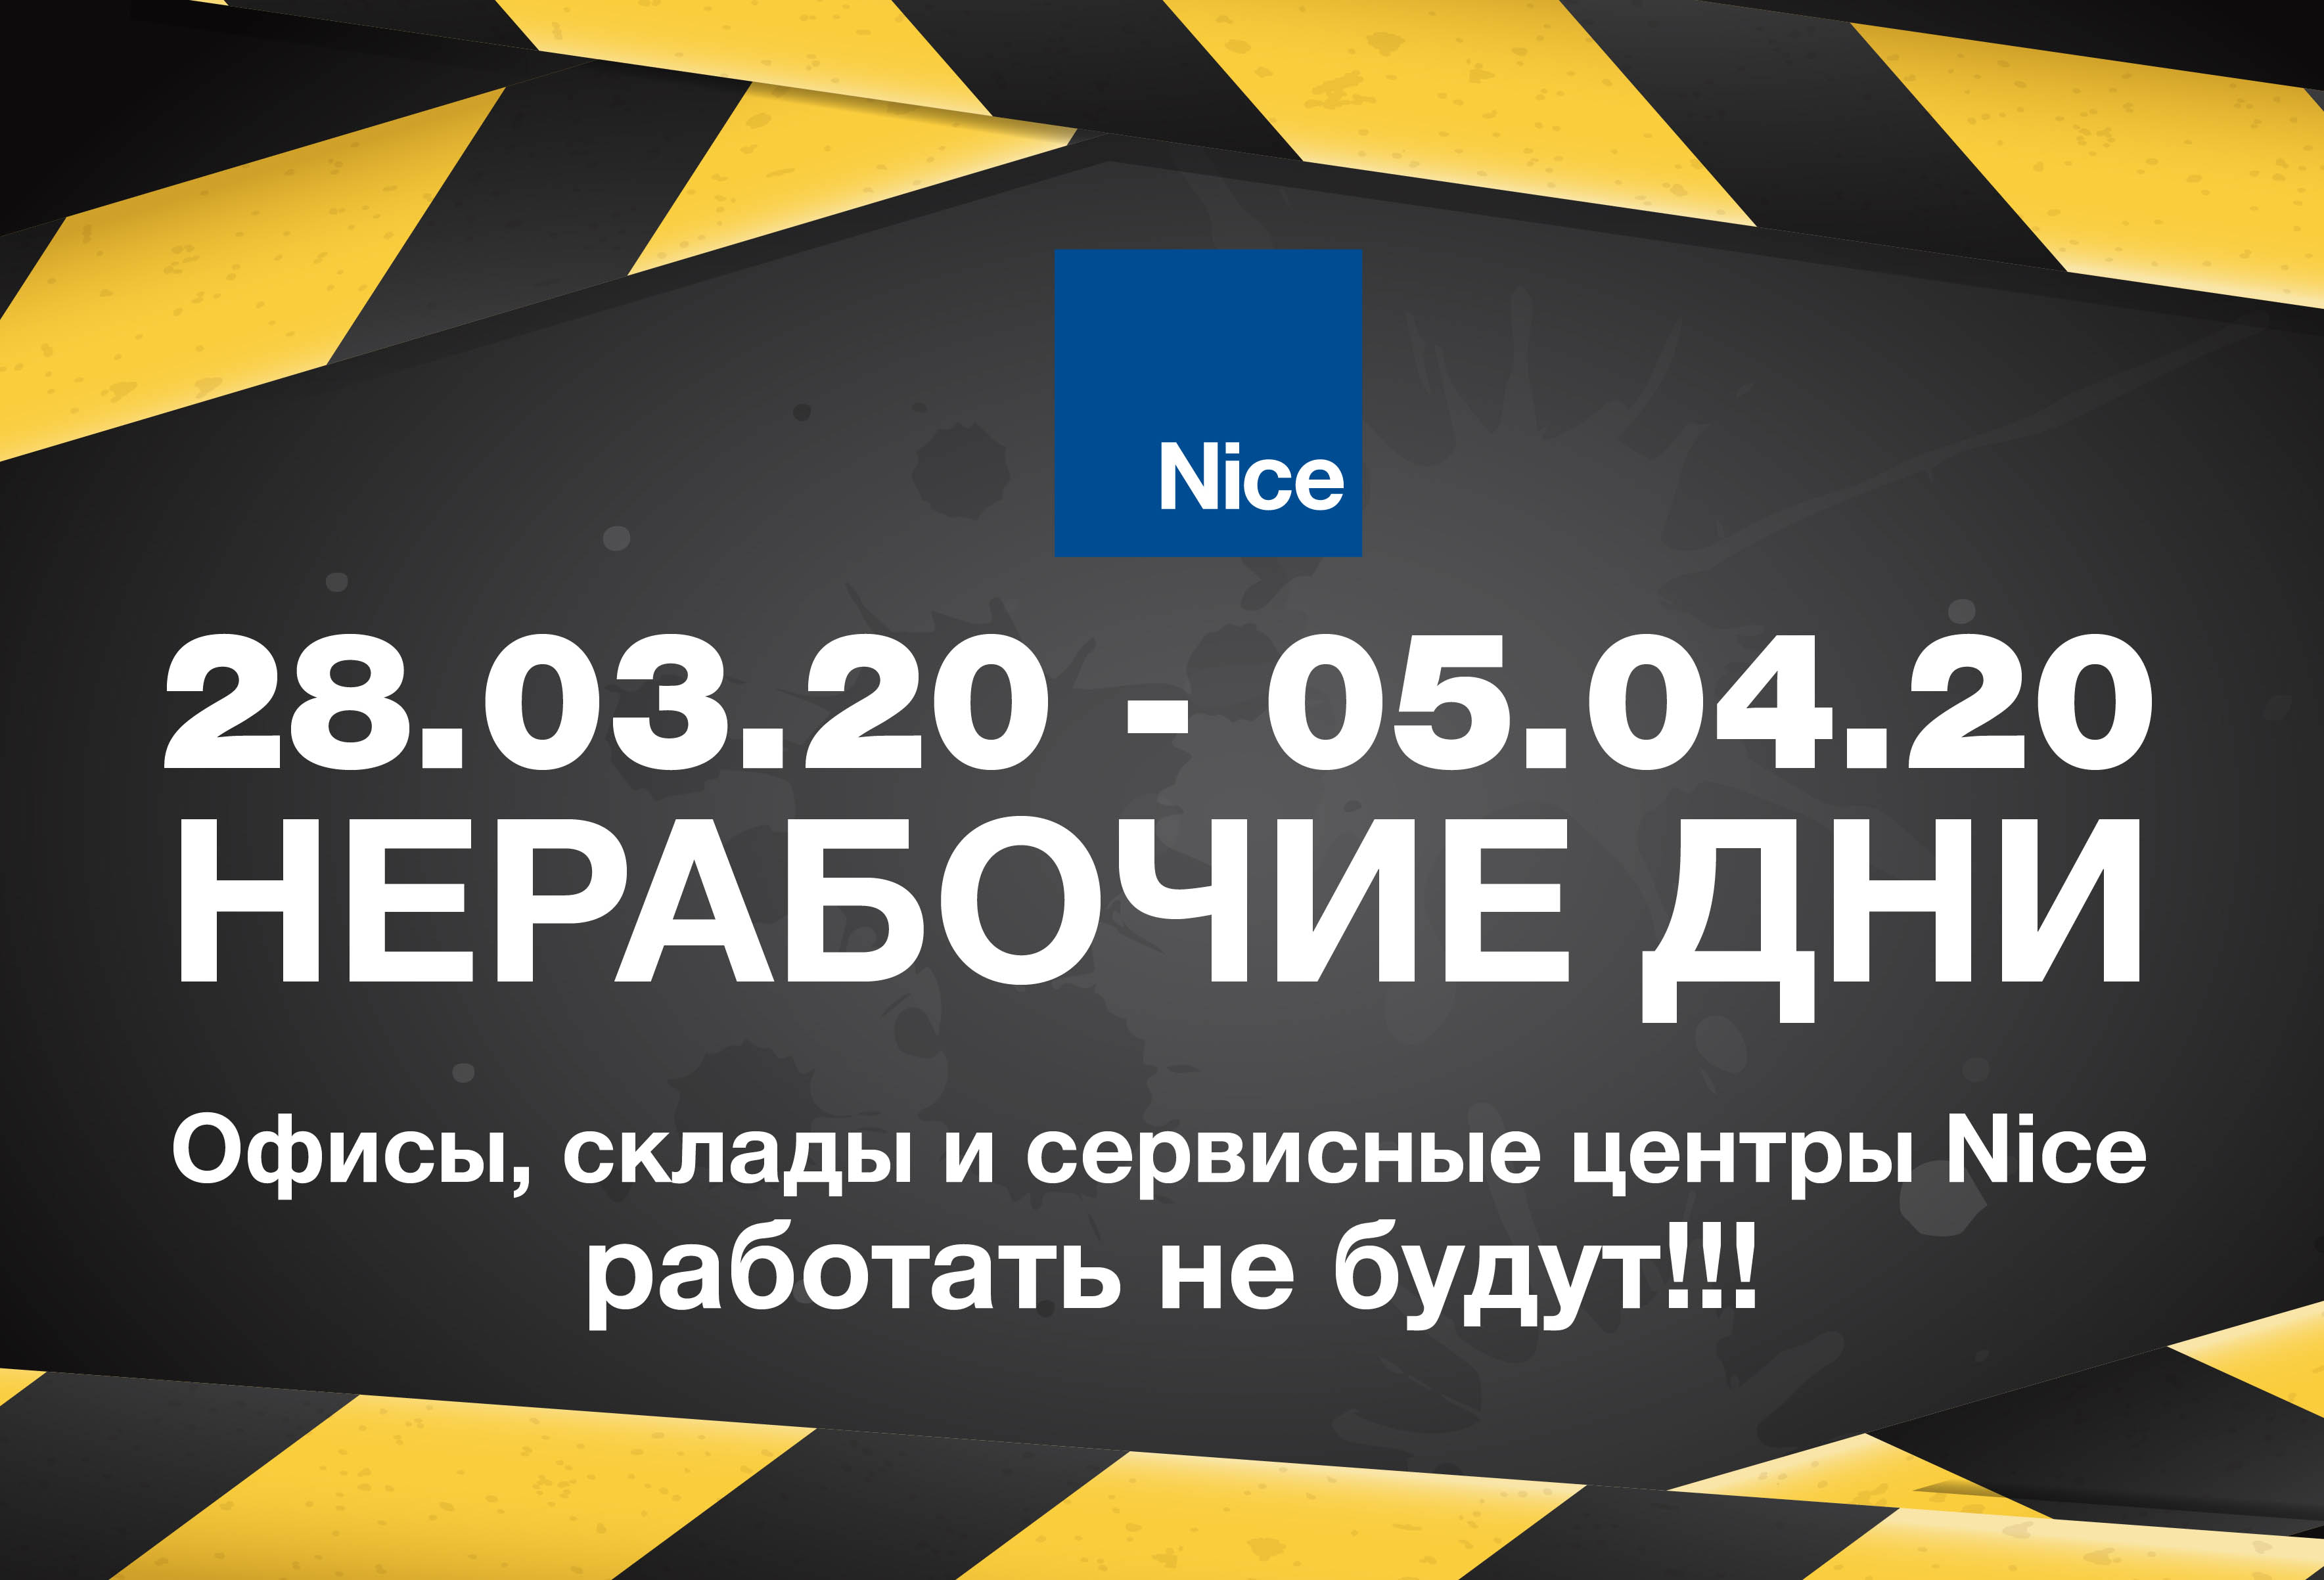 Нерабочие дни в компании Nice! Офисы, склады и сервисные центры не будут работать с 28 марта по 5 апреля 2020 года!